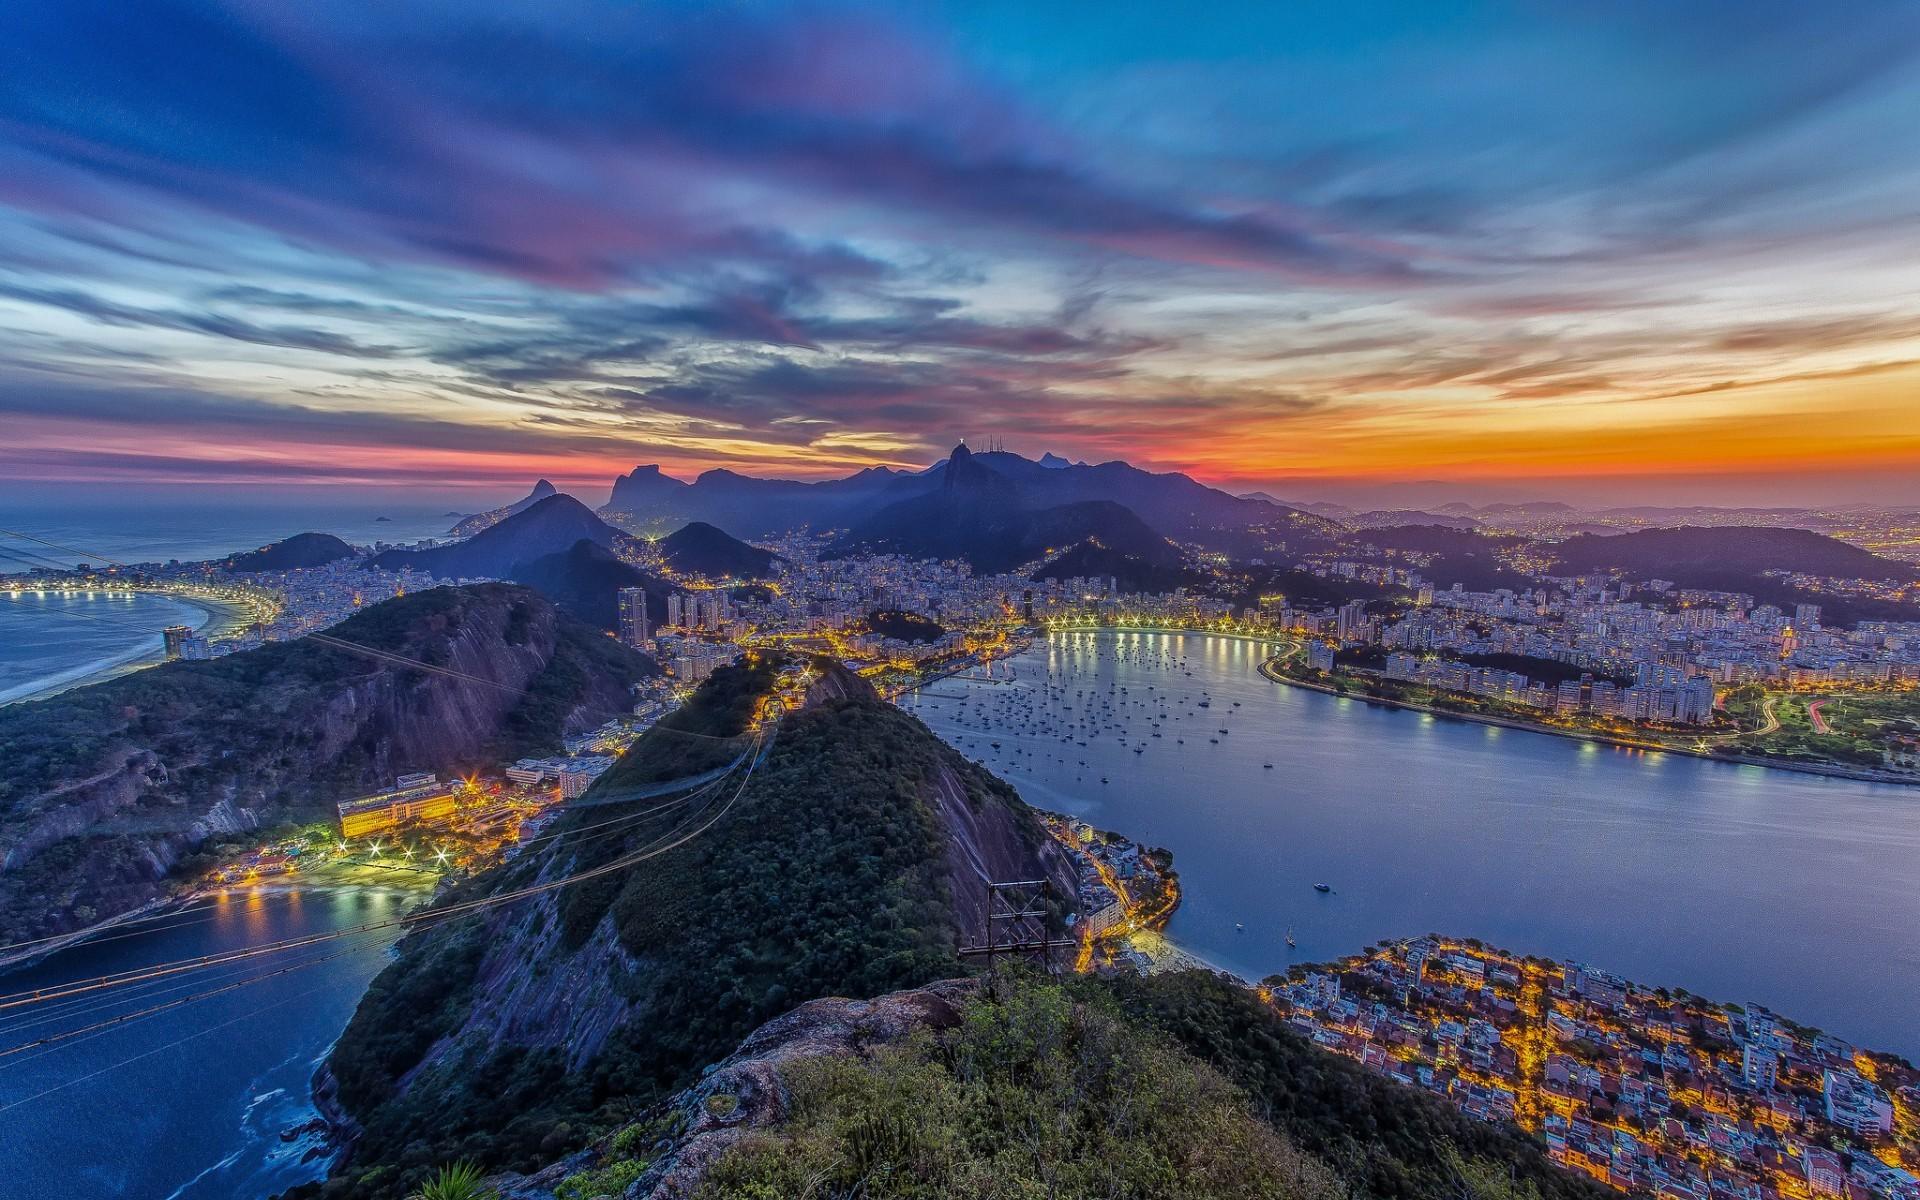 Rio De Janeiro Wallpaper Desktop PC 12952 Wallpaper 1920x1200